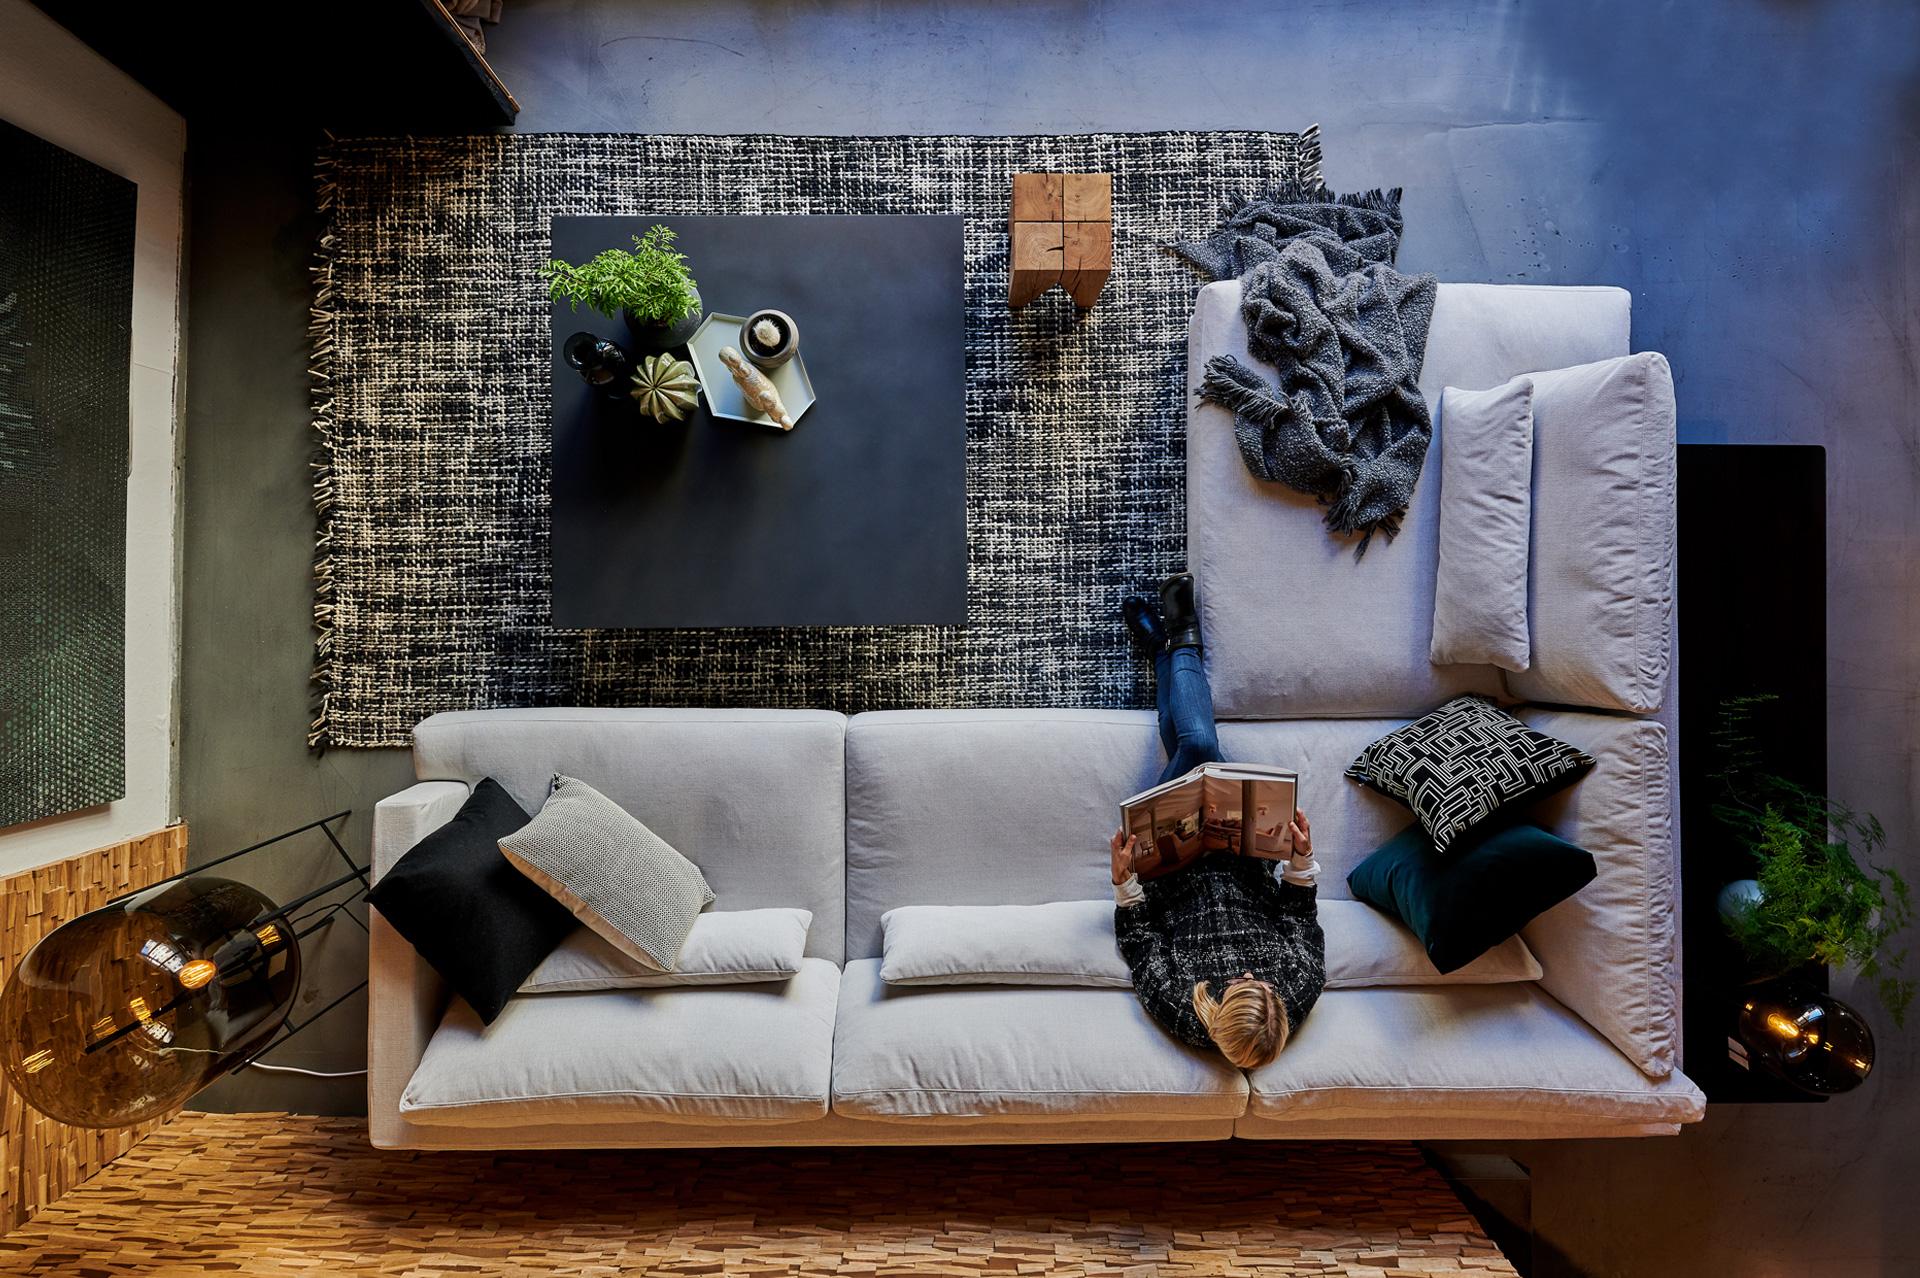 gleitt ren innenausbau einrichtungshaus melior minotti flexform poliform design m bel. Black Bedroom Furniture Sets. Home Design Ideas